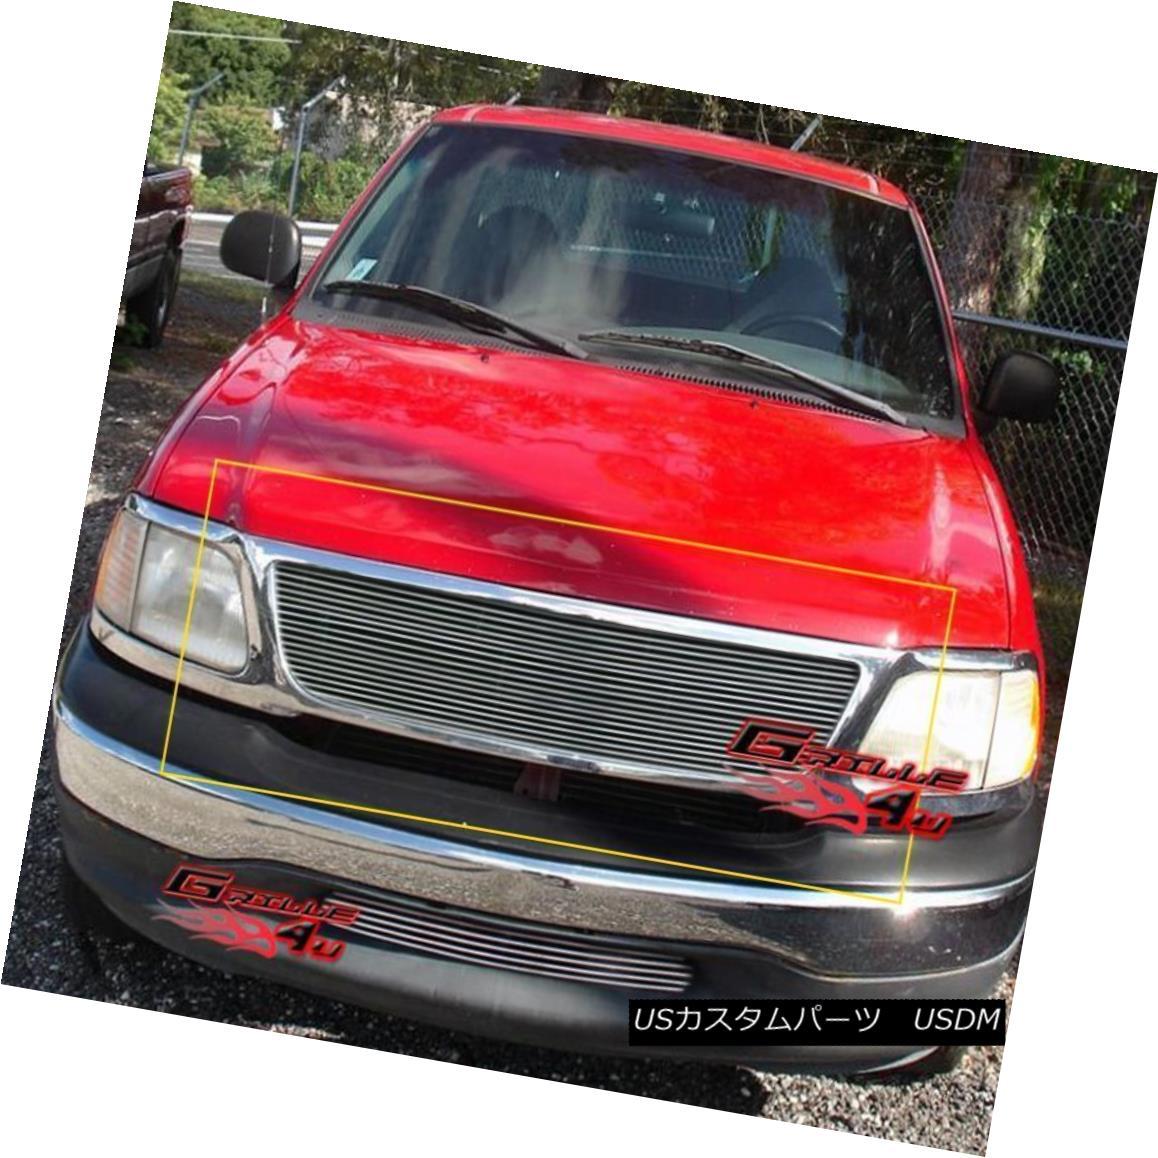 グリル Fits 99-03 Ford F150/Lightning/Harley Davidson Main Upper Billet Grille フィット99-03 Ford F150 / Lightning / Harley Davidsonメインアッパービレットグリル